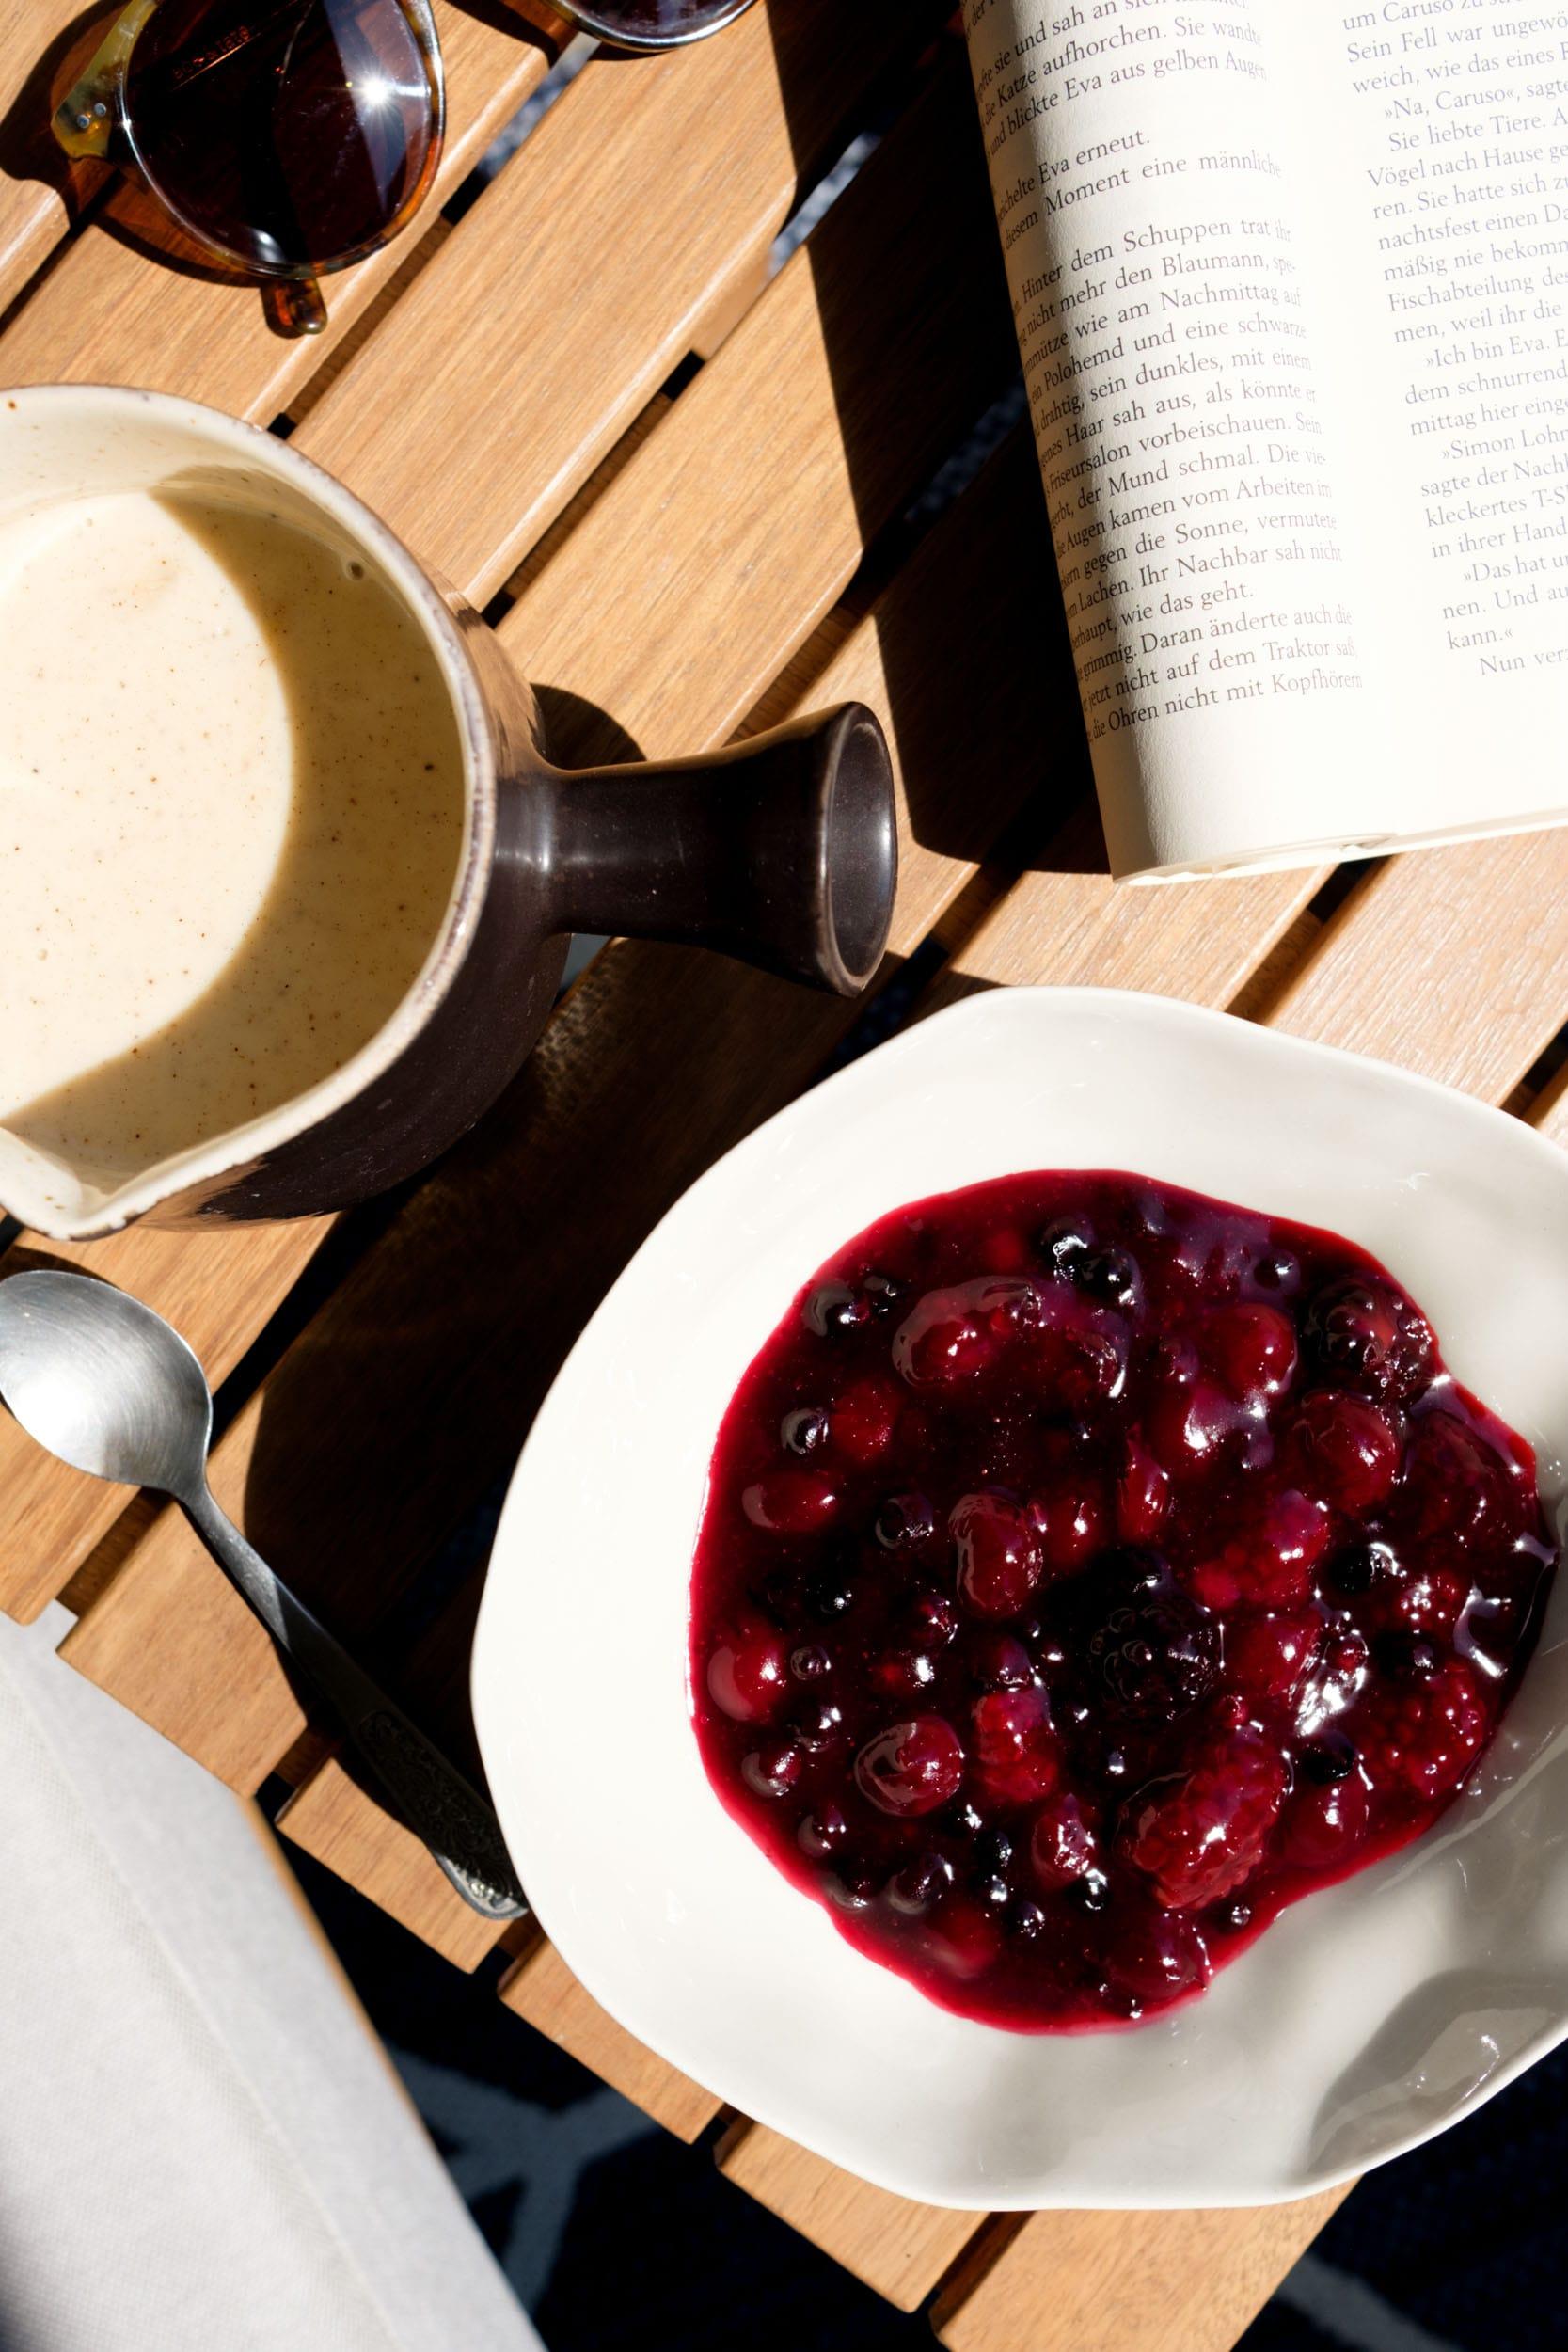 Rote Grütze mit Vanillesoße ohne Ei | Einfach und lecker | Das perfekte Essen an heißen Sommertagen | Ohne raffinierten Zucker | Mit Xylit/ Birkenzucker gesüßt | Sommeressen | #rezept | gesunder Nachtisch | Familienessen | Das Rezept findet ihr auf https://ivy.li